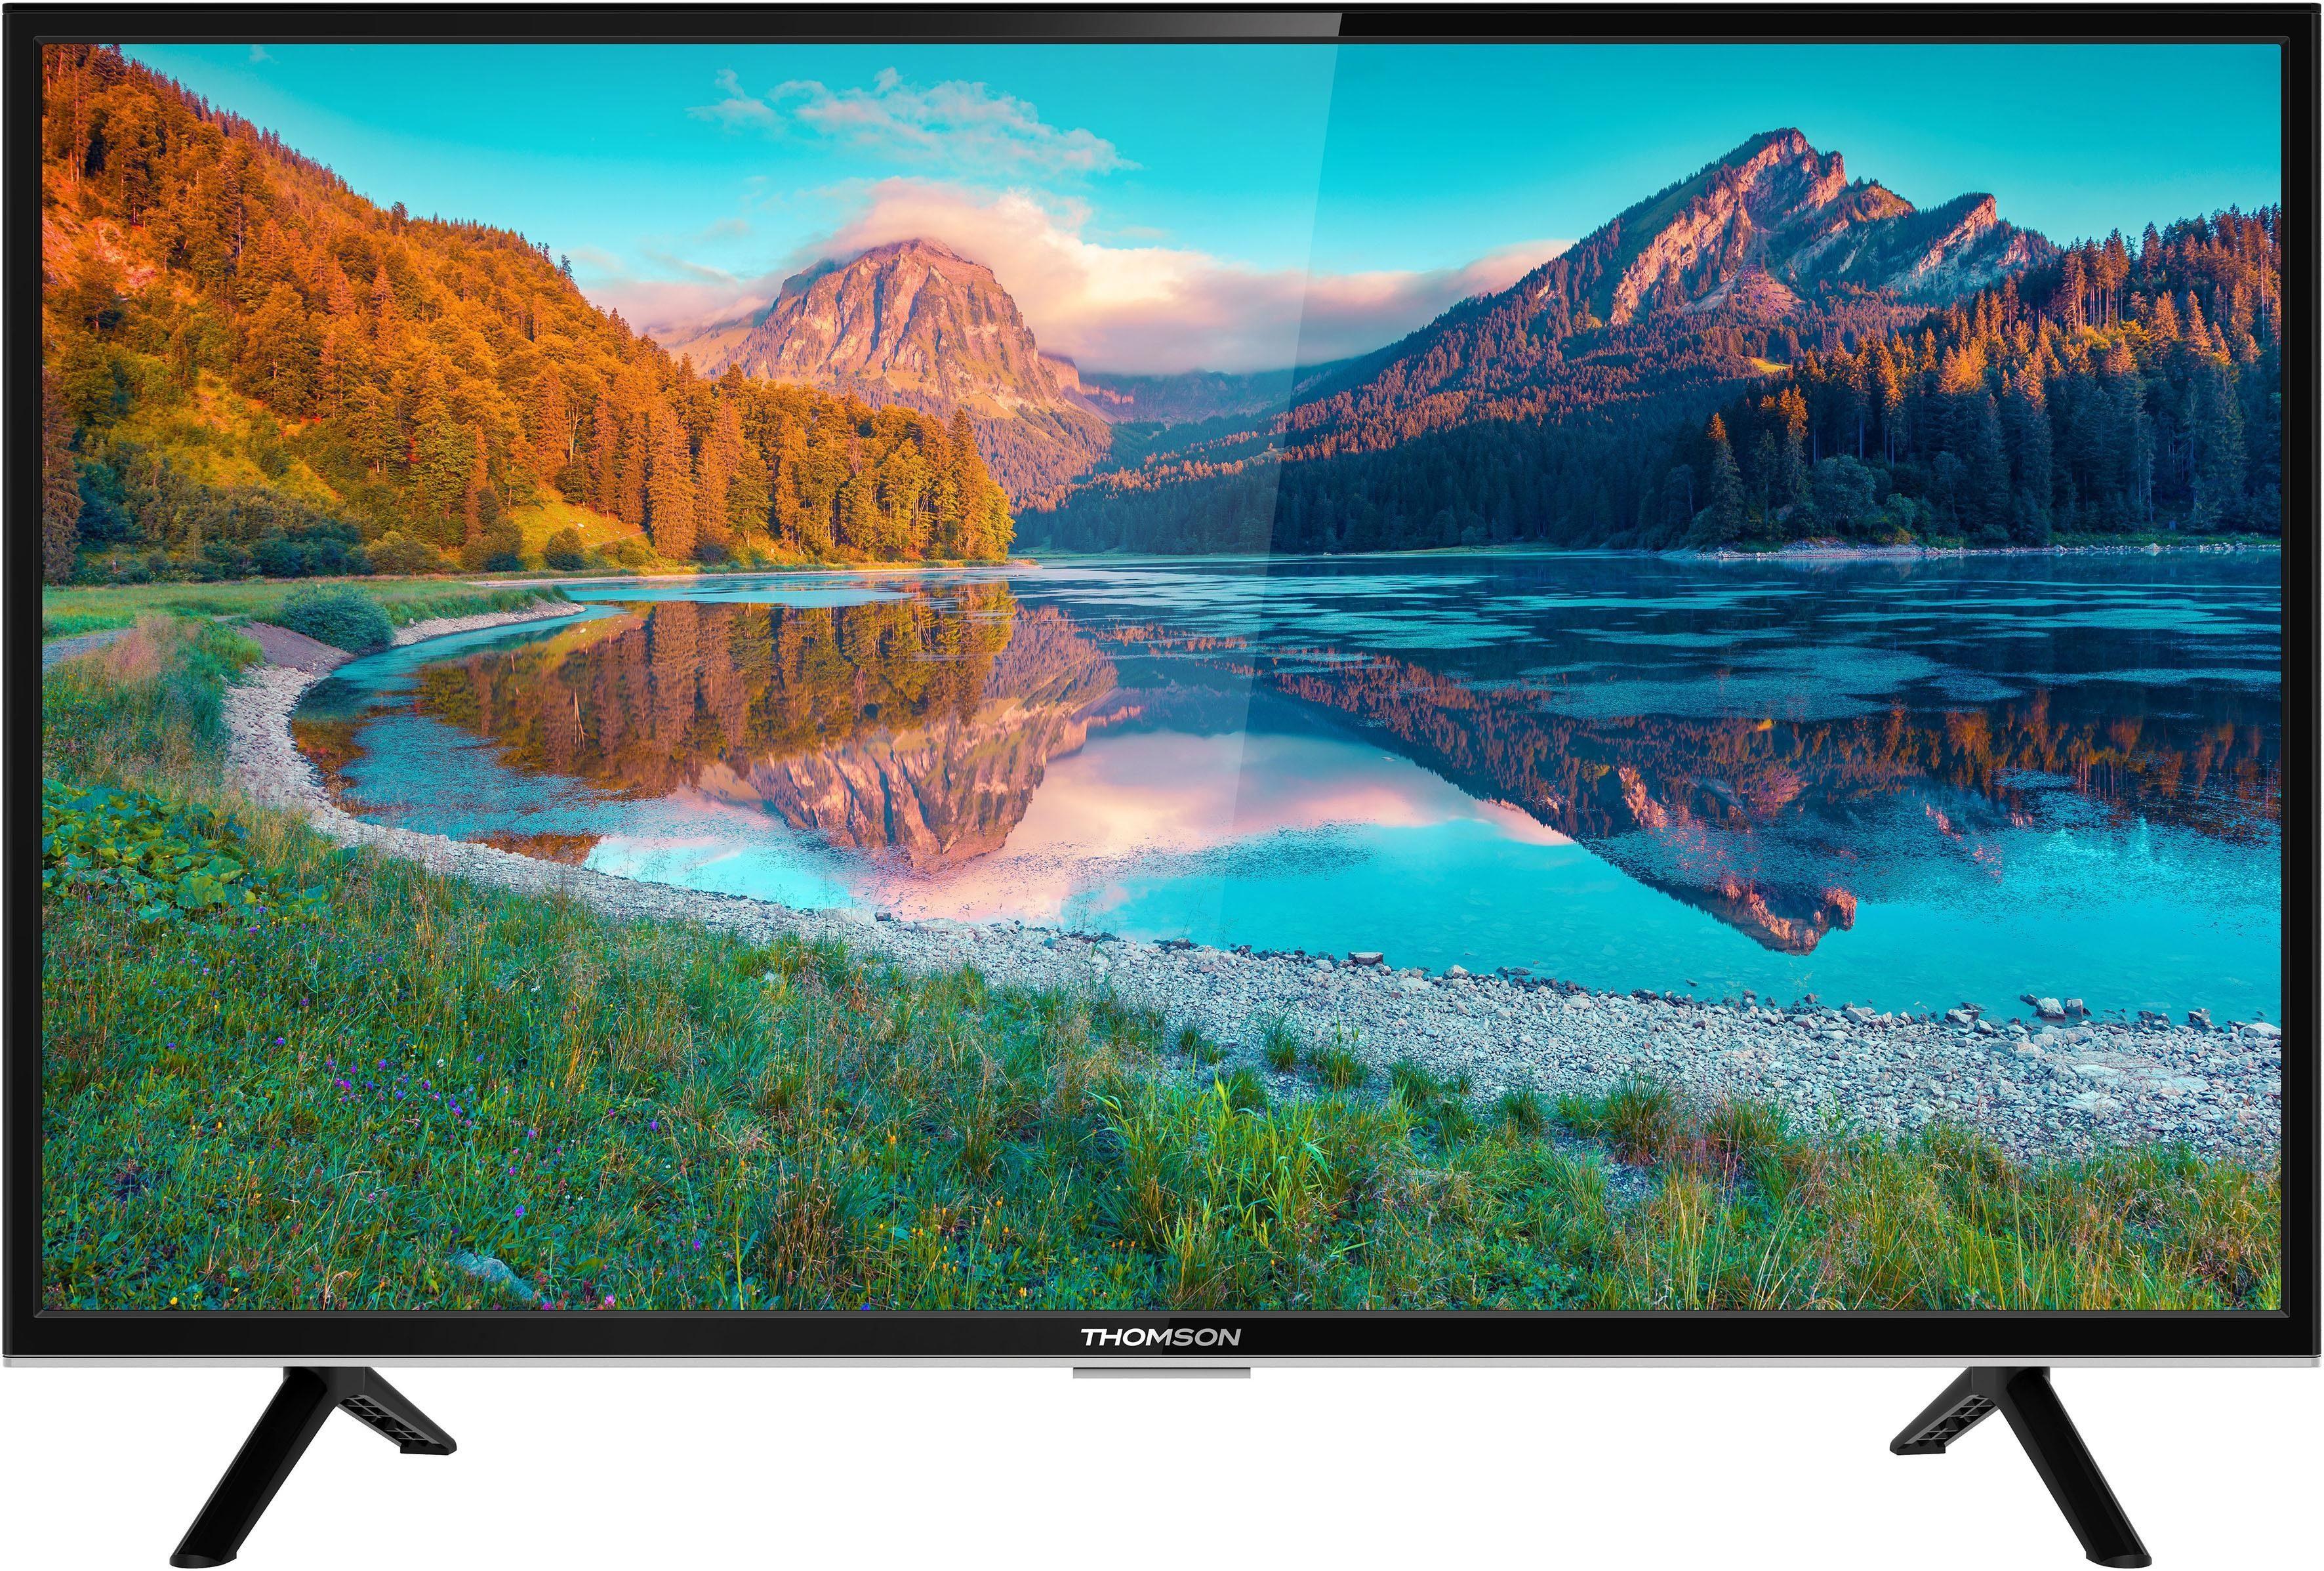 Thomson 40FD5426X1 LED-Fernseher (101,6 cm/40 Zoll, Full HD)